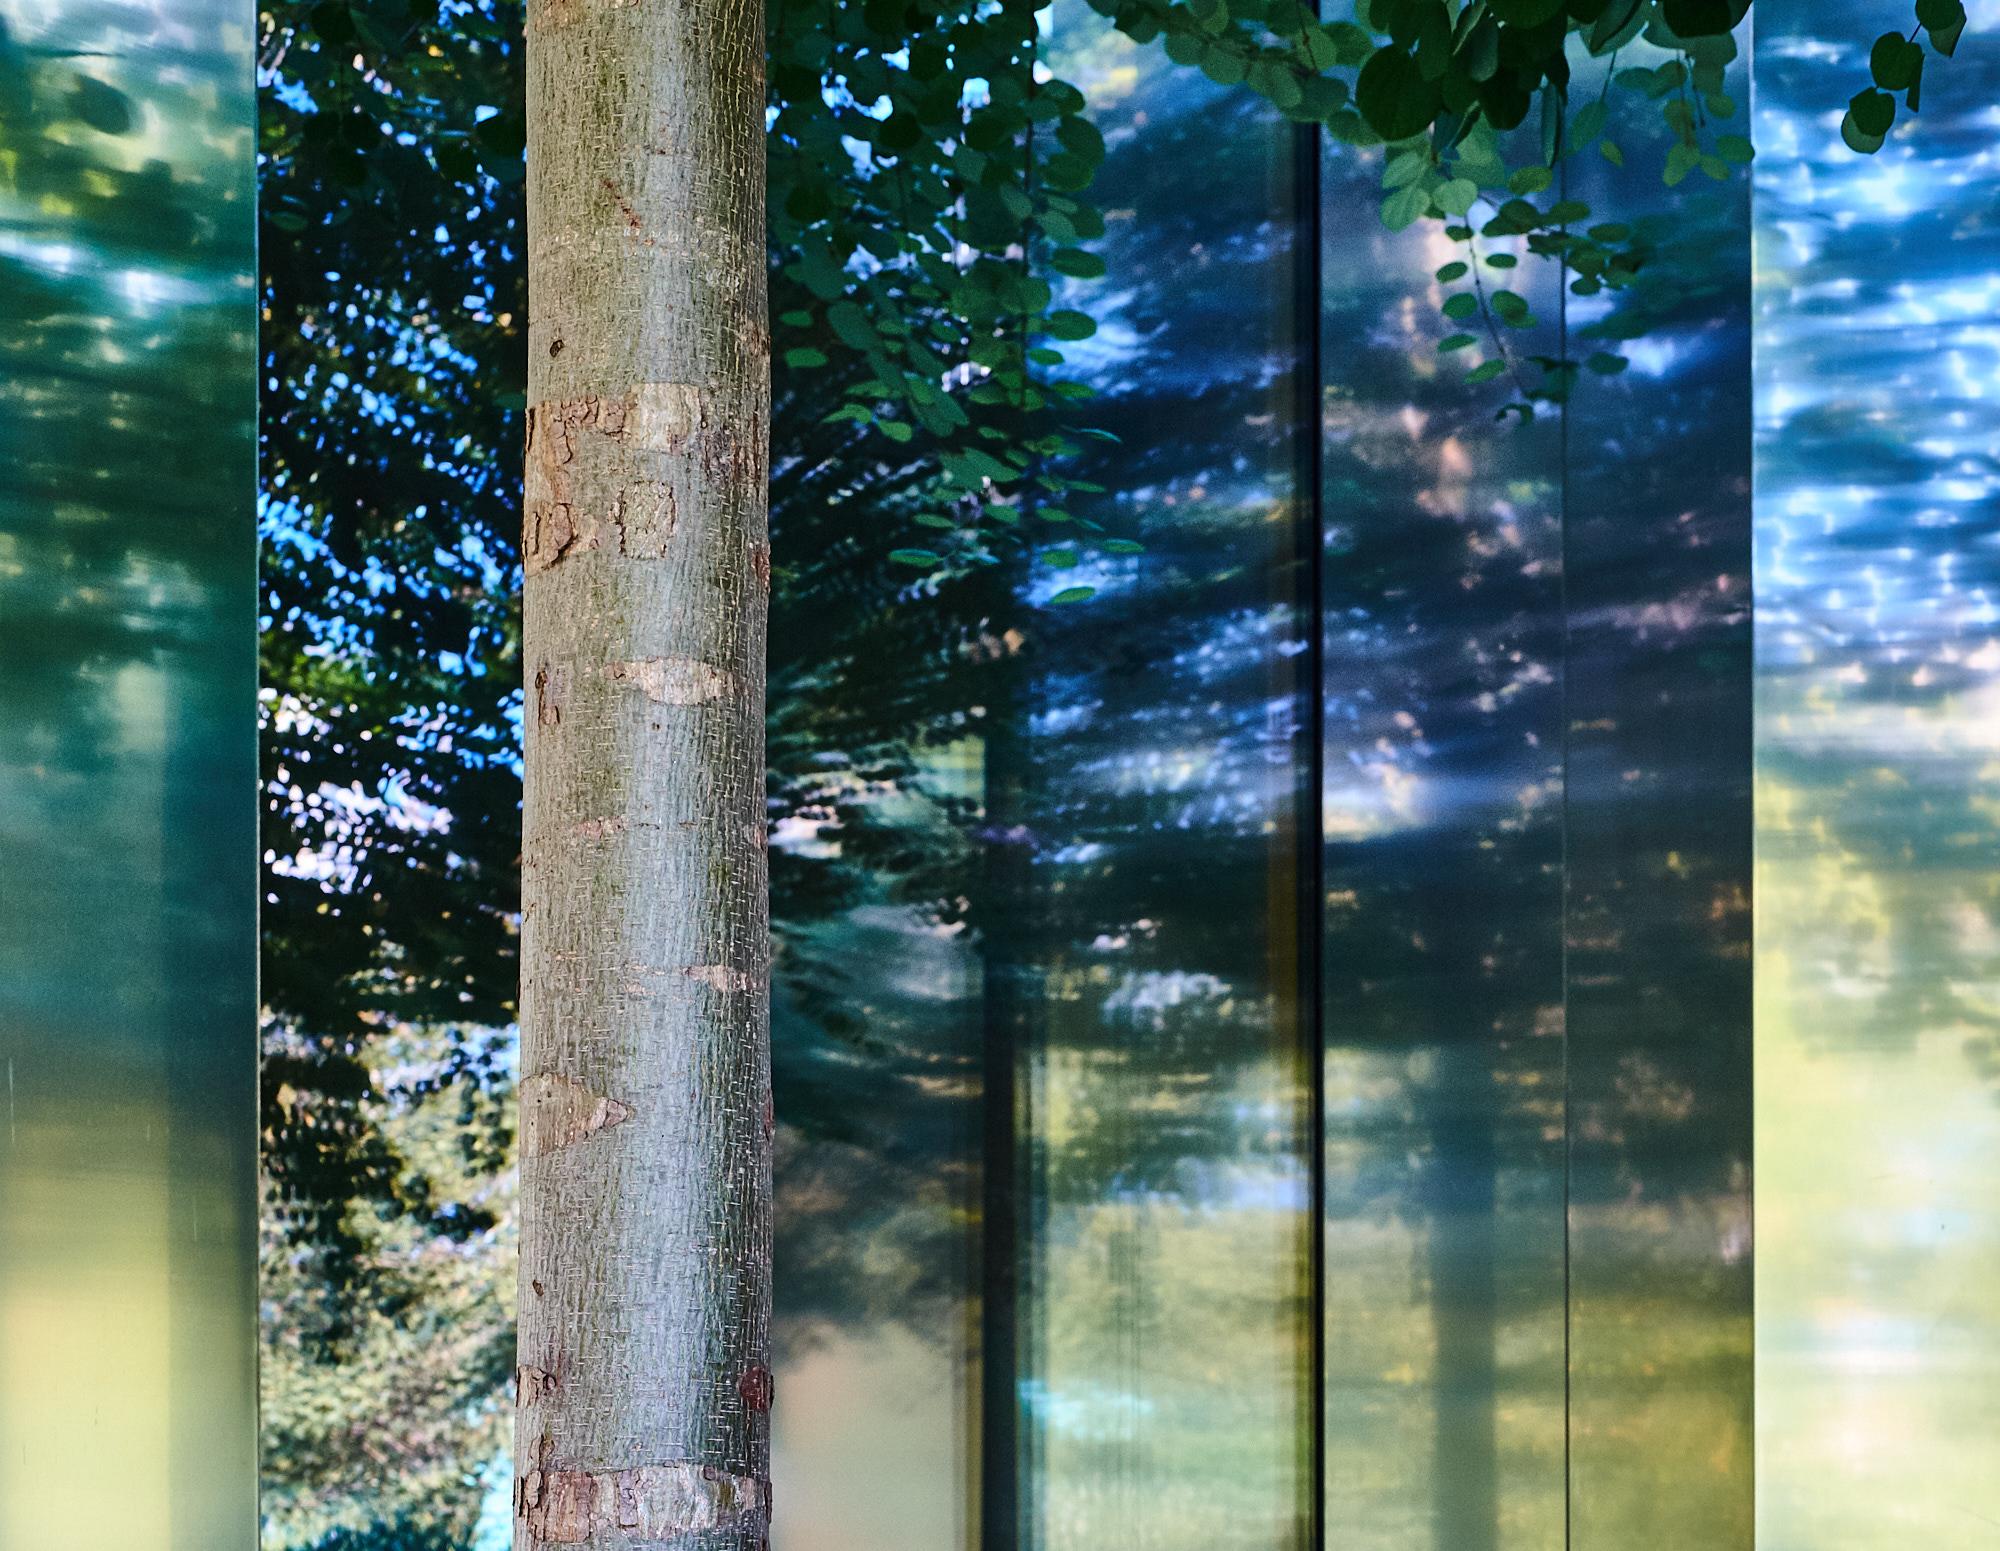 spiegel-04.jpg